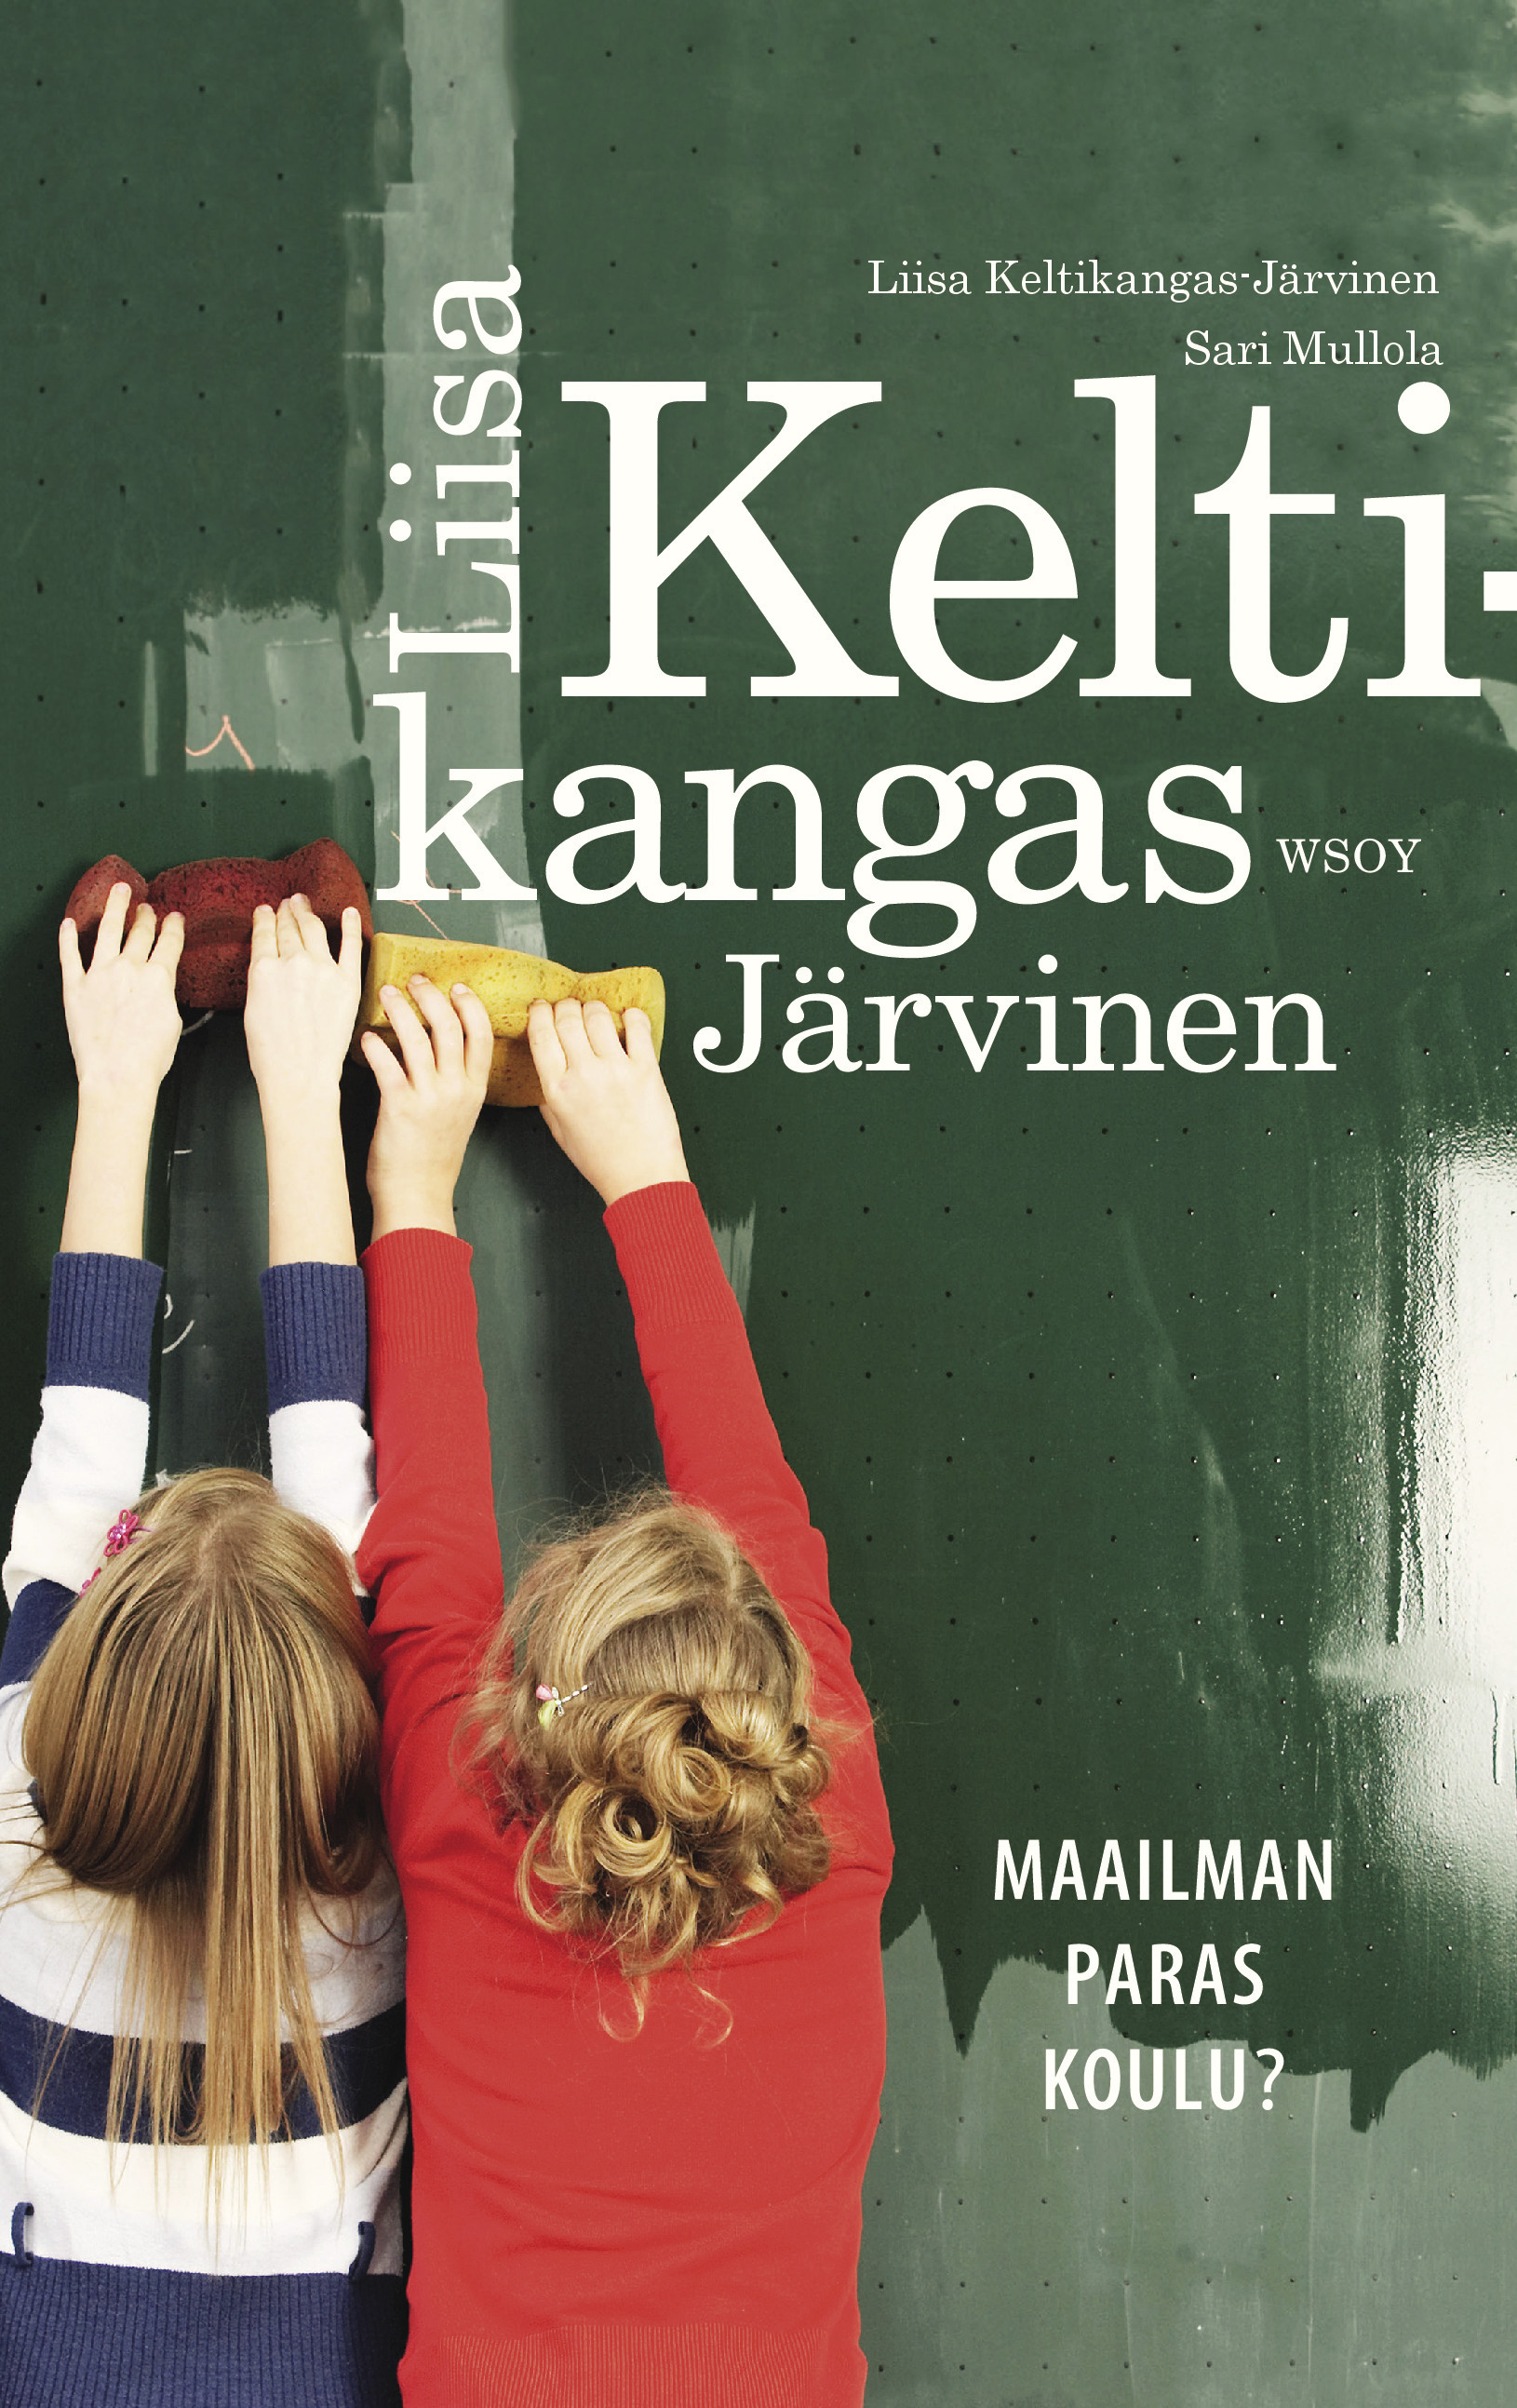 Keltikangas-Järvinen, Liisa - Maailman paras koulu?, e-kirja